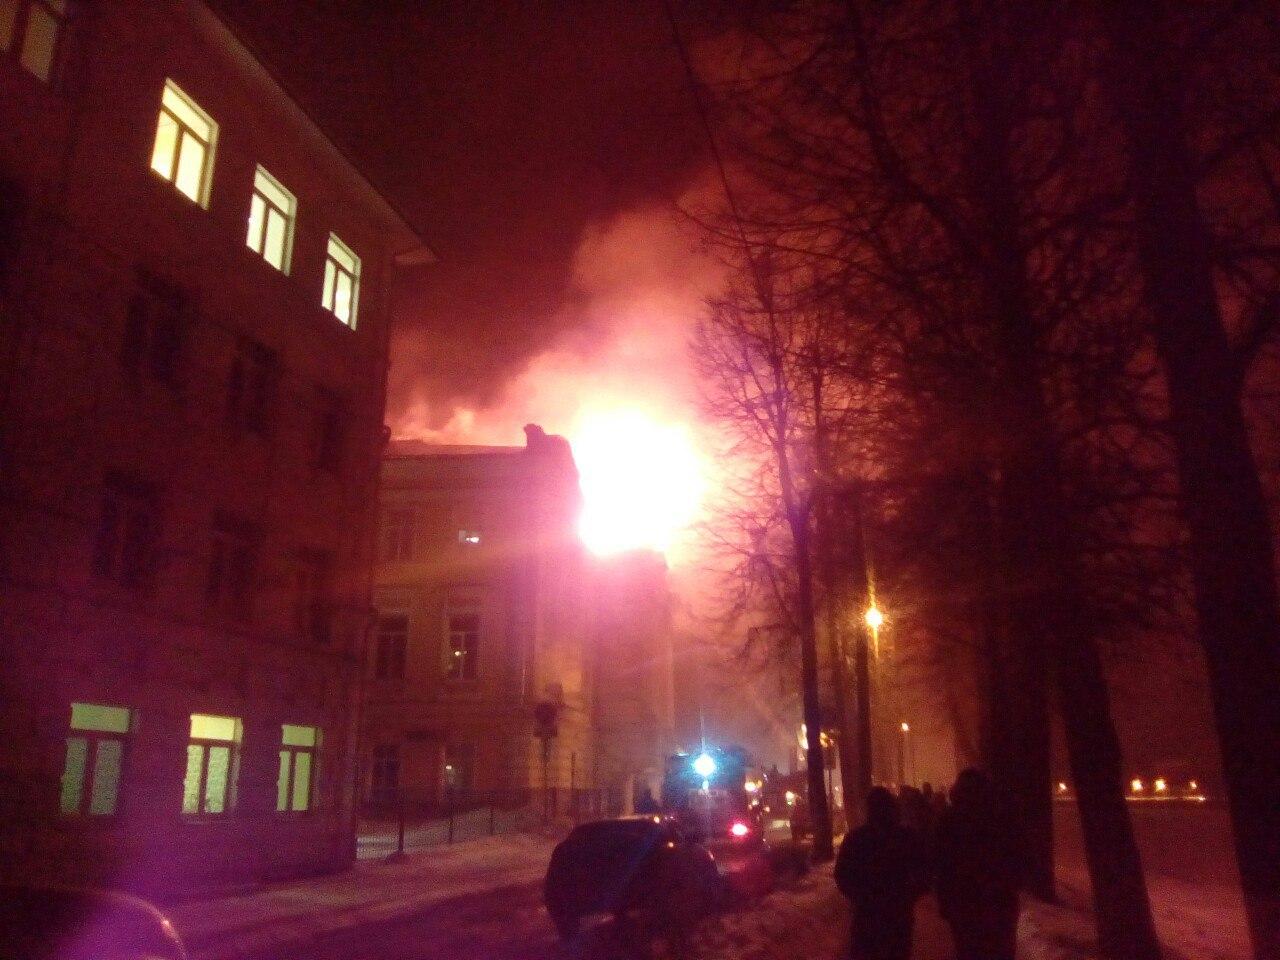 Пожар вдетской клинике вТвери: в помещении рухнула кровля